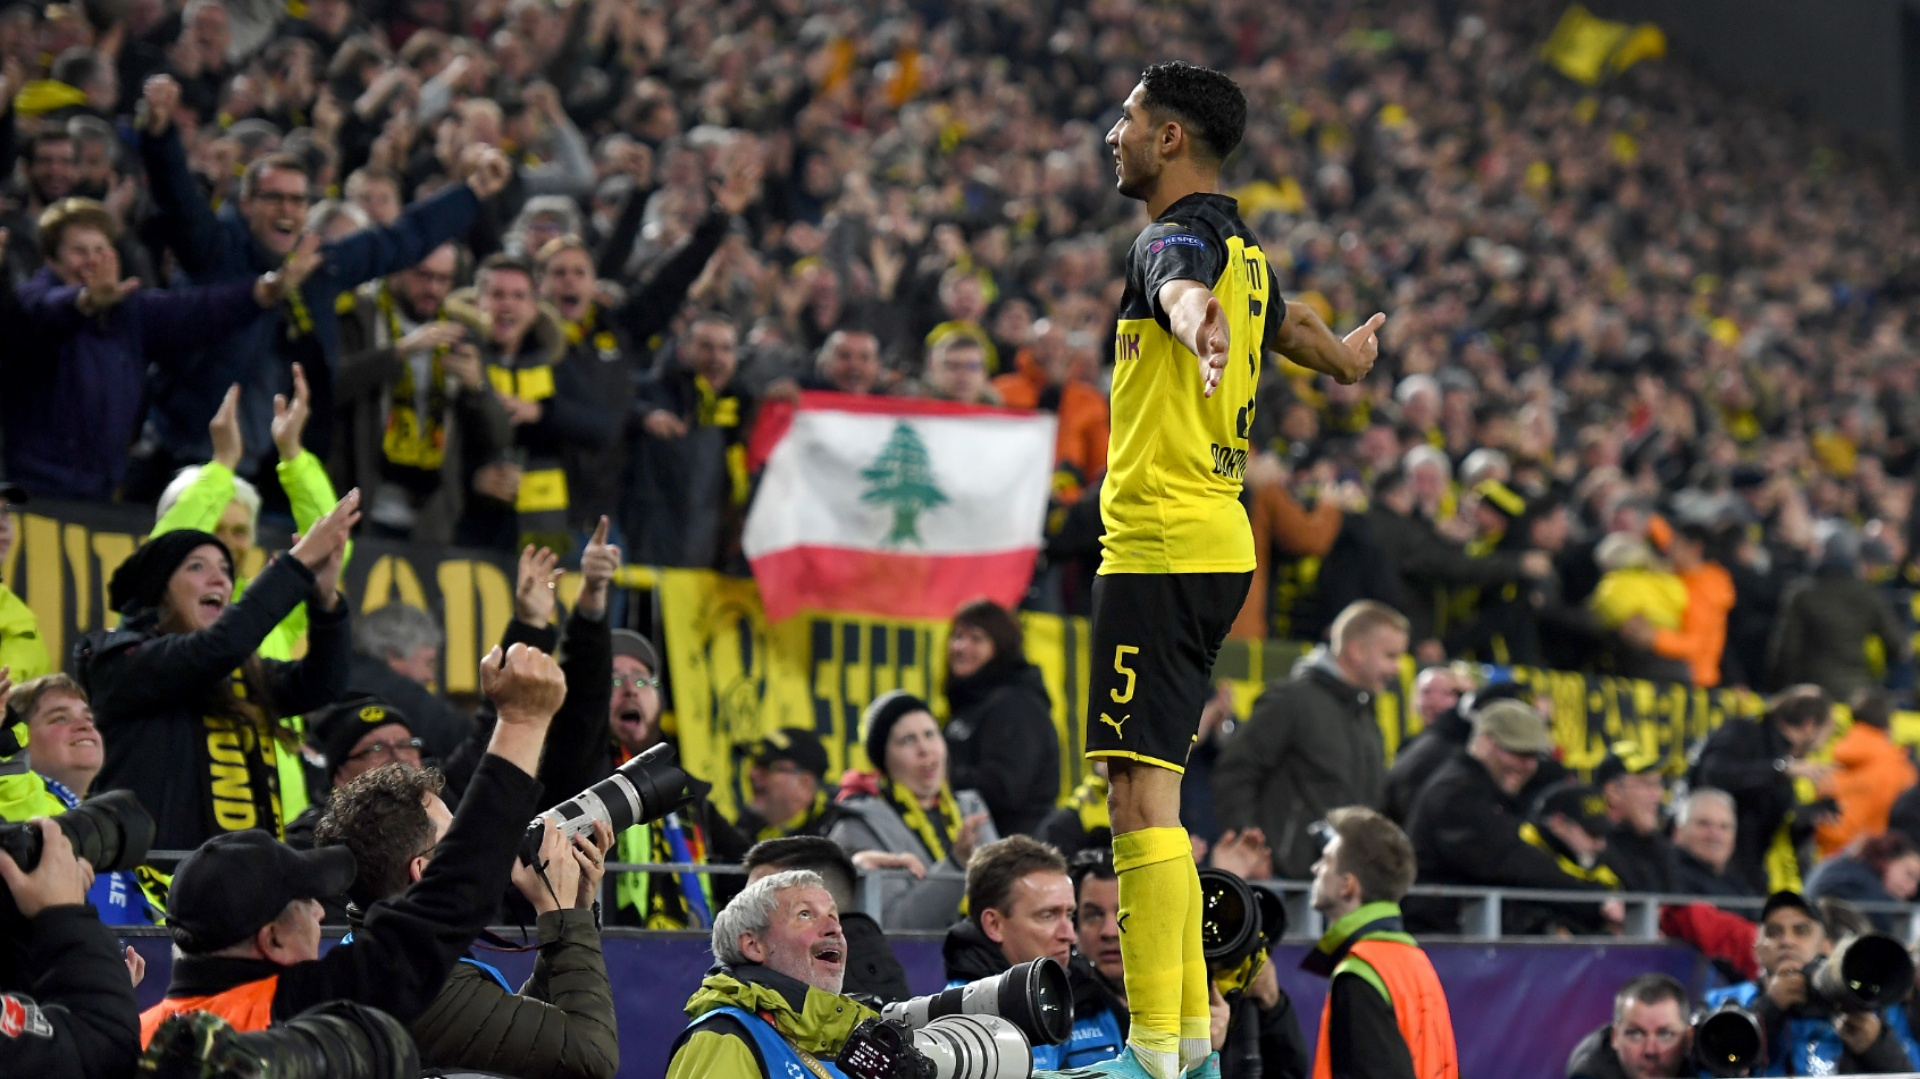 Dortmund's Hakimi names Messi, Suarez, Griezmann as his toughest challengers